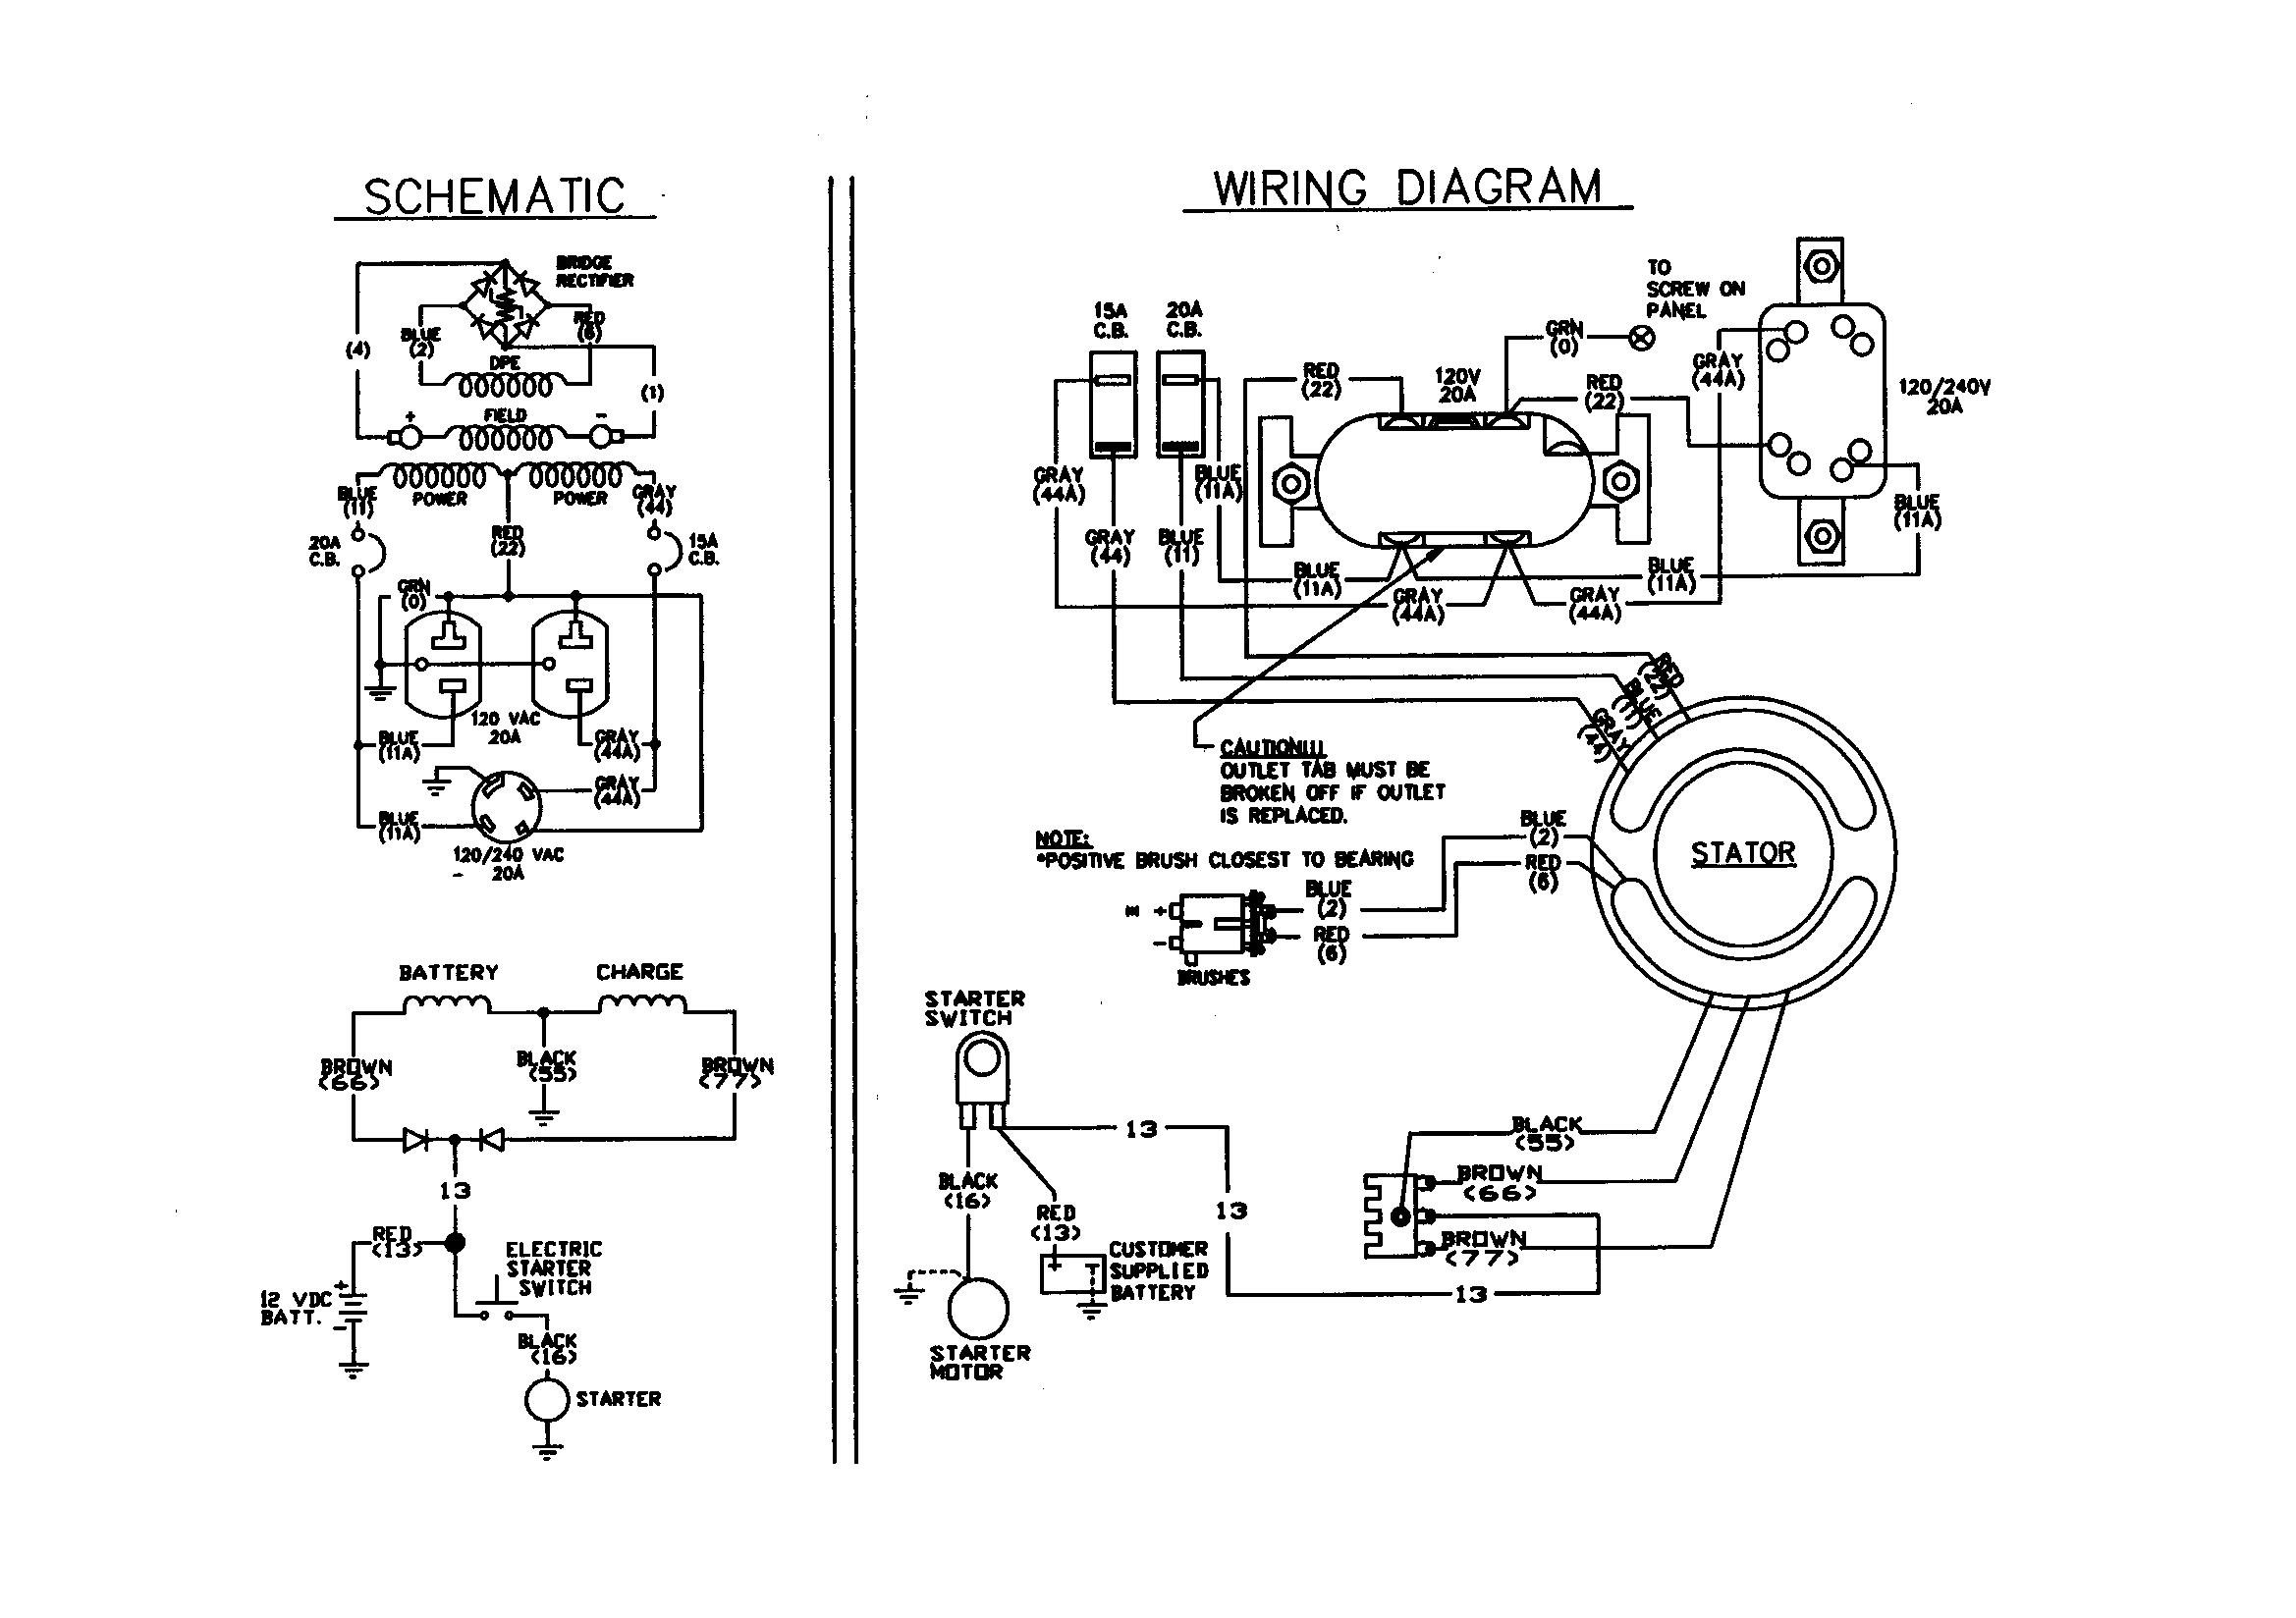 wiring diagram generator set #diagram #diagramtemplate #diagramsample